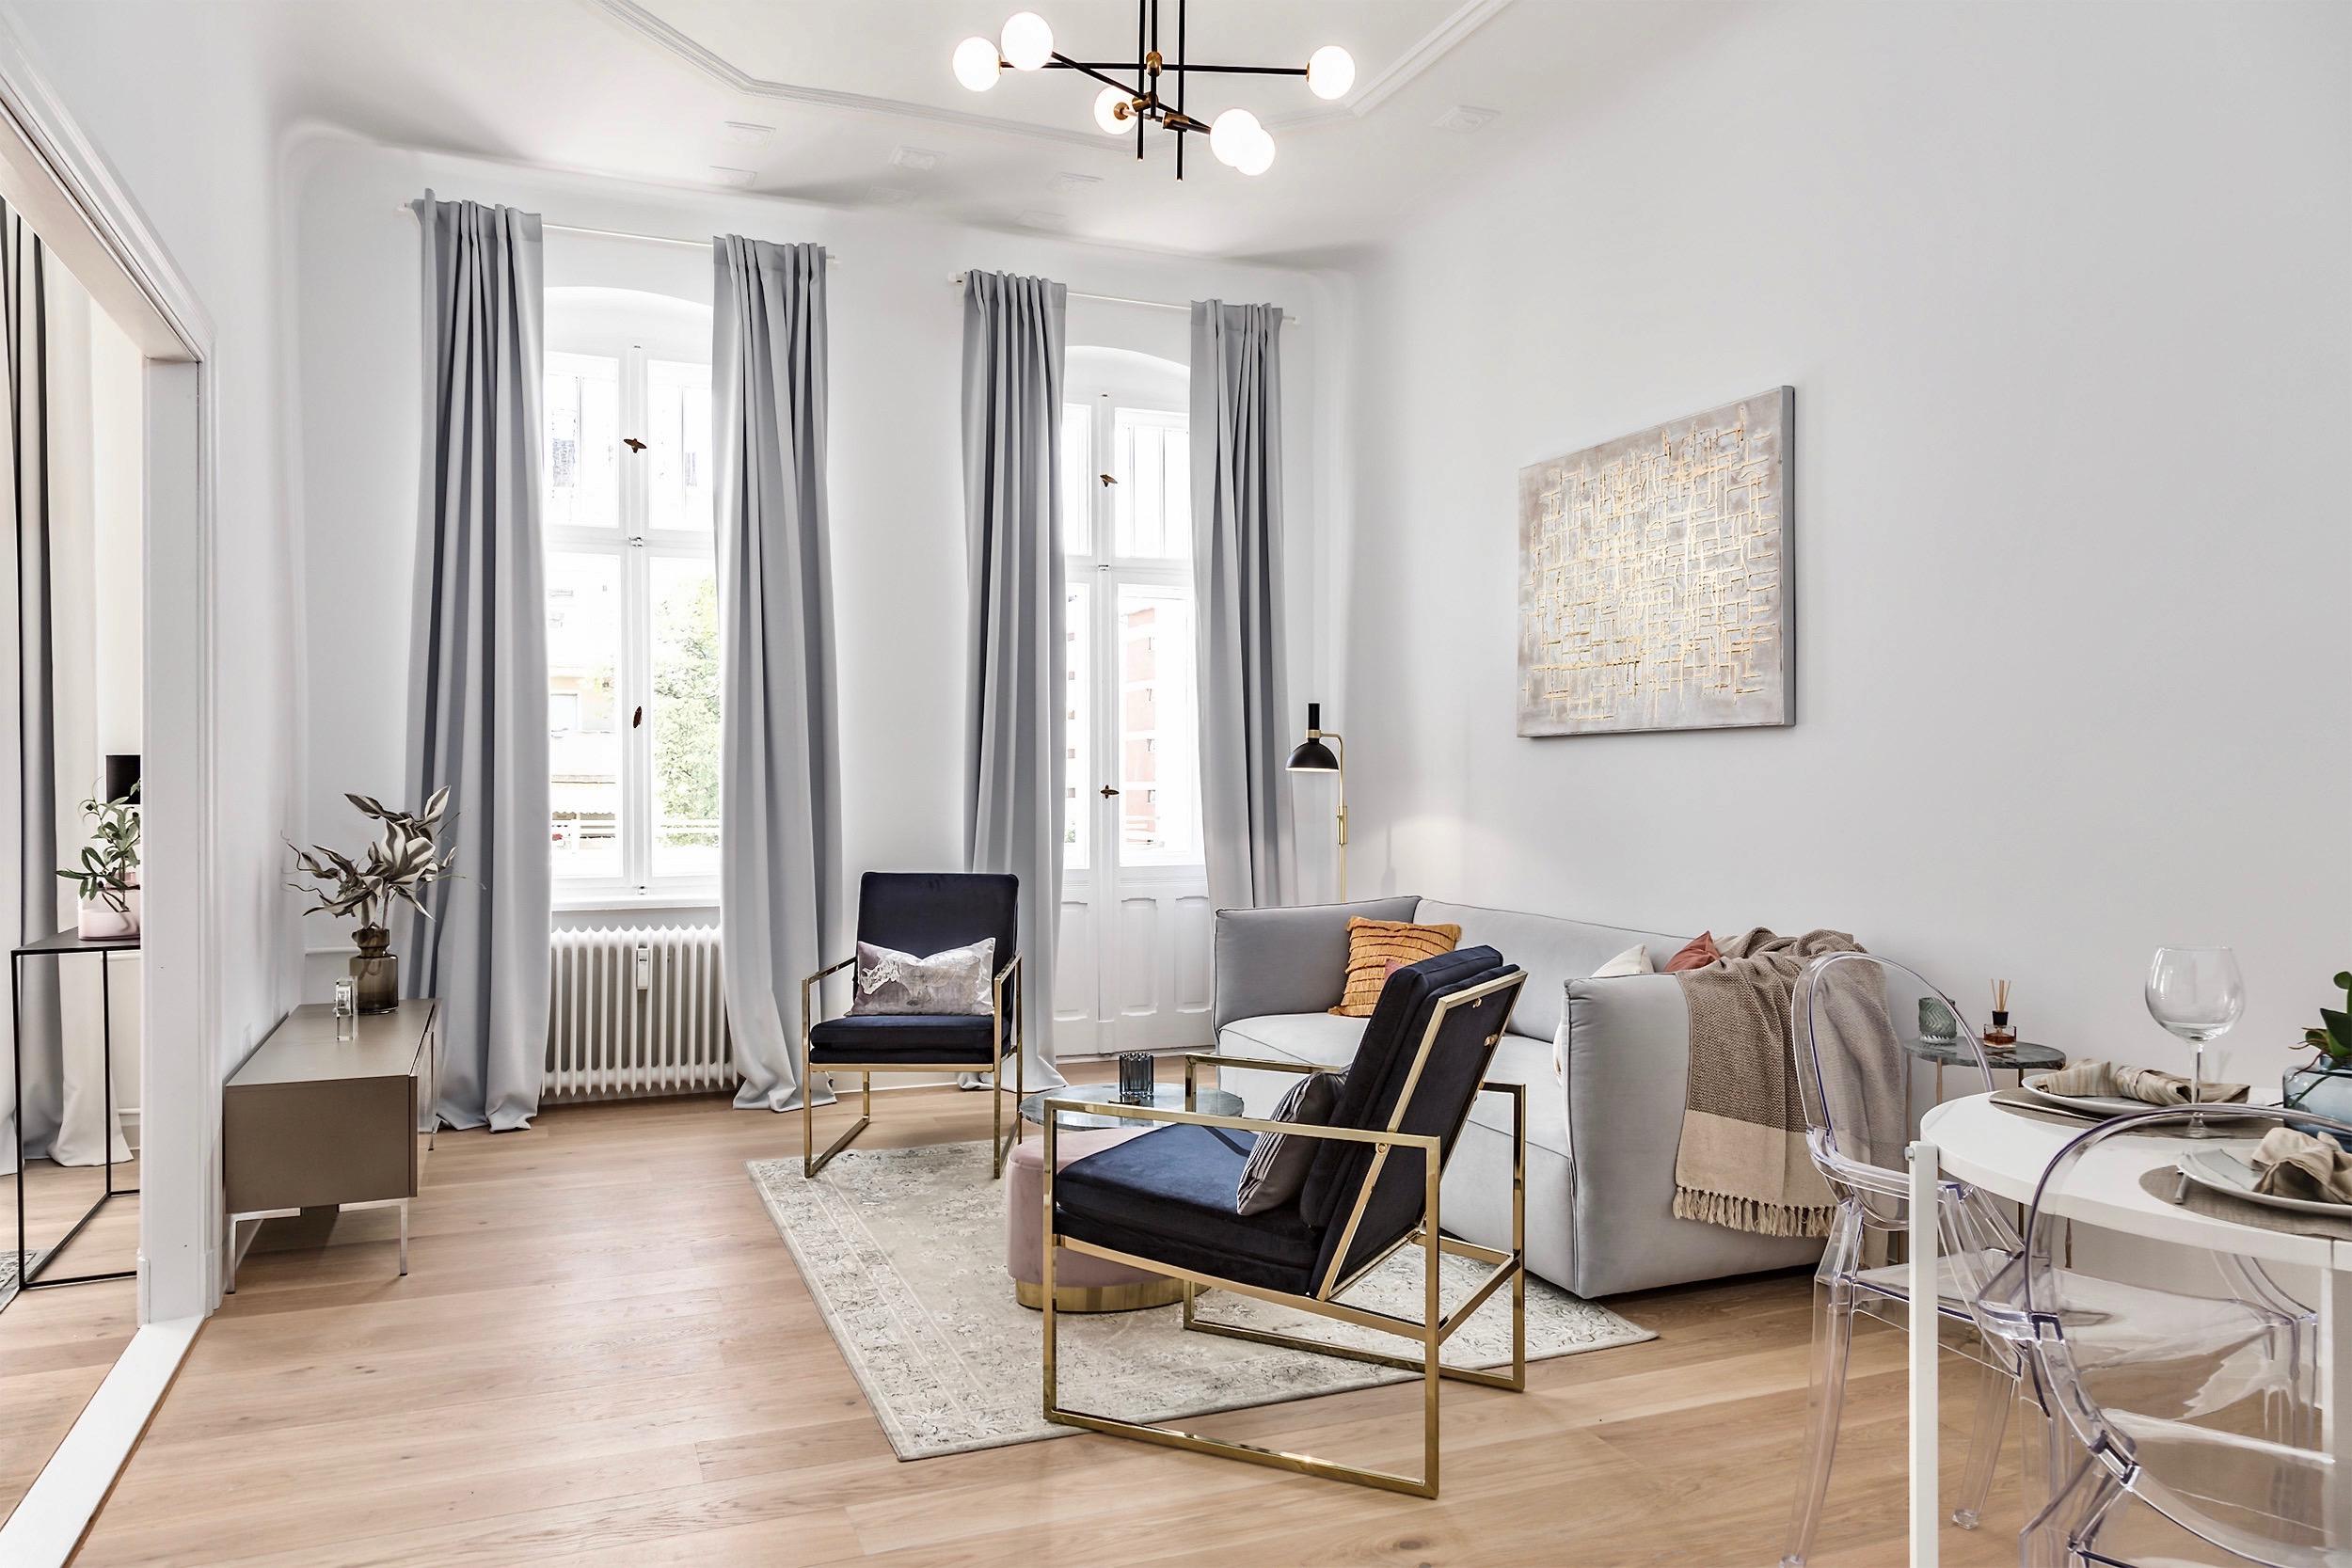 re-vamp_homestaging_musterwohnung-Charlottenburg_wohnzimmer.jpg